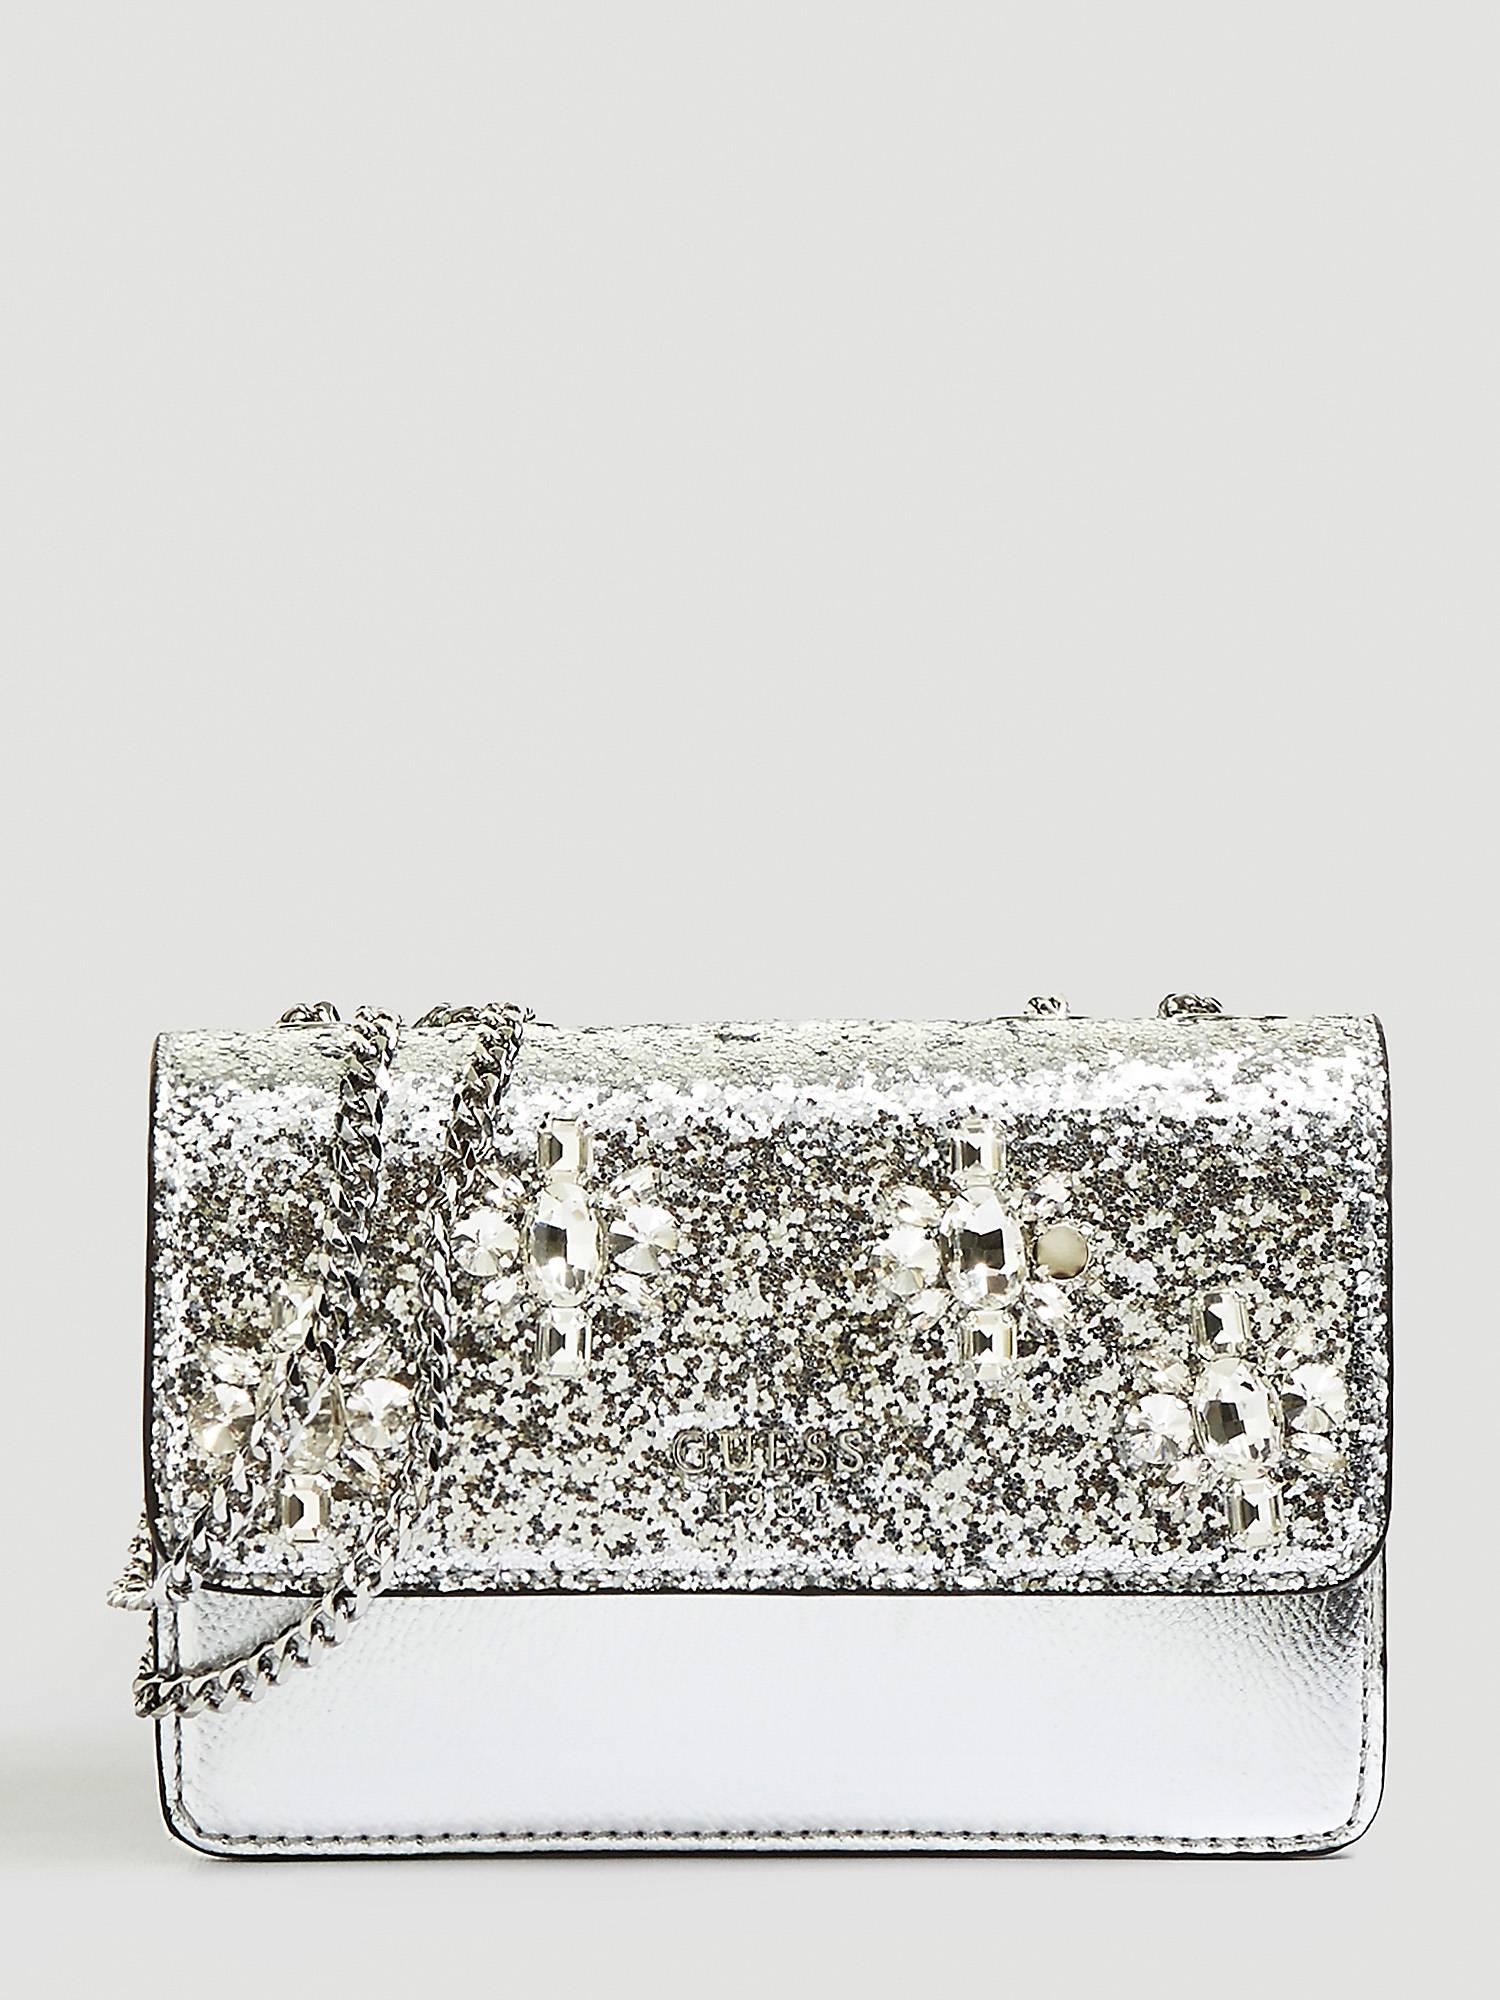 Borsetta da sera silver con glitter Guess primavera estate 2019 prezzo 95 euro